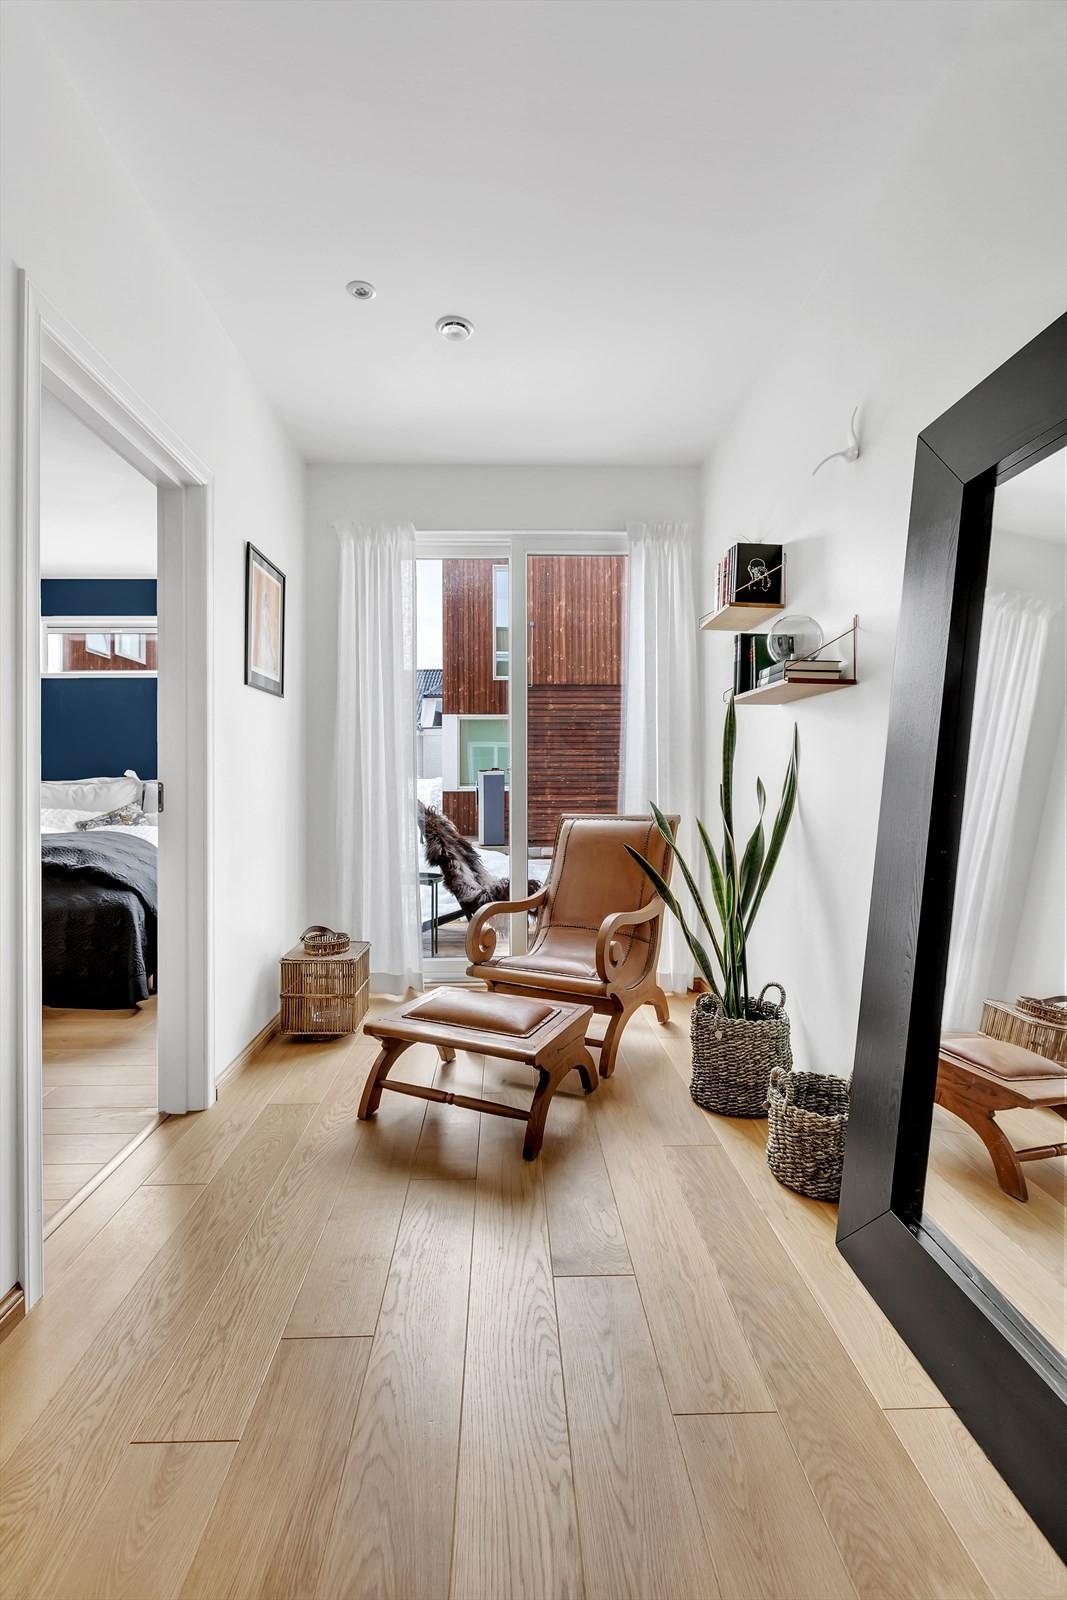 I enden av gangen i 1. etasje finner du plass til en praktisk liten stue/kontor